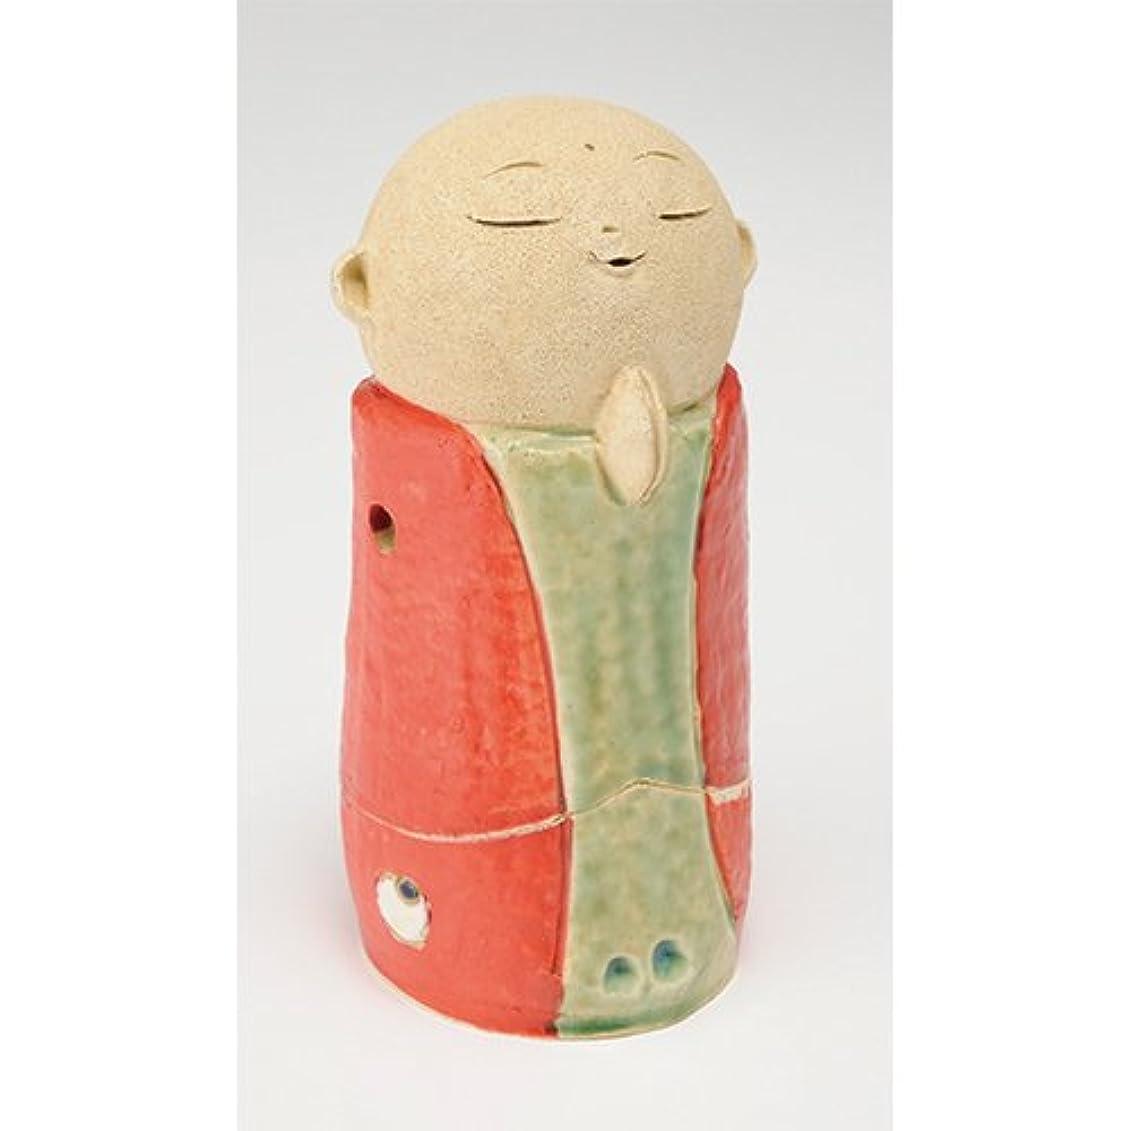 アークブラストペルセウスお地蔵様 香炉シリーズ 赤 お地蔵様 香炉 5.3寸(大) [H16cm] HANDMADE プレゼント ギフト 和食器 かわいい インテリア